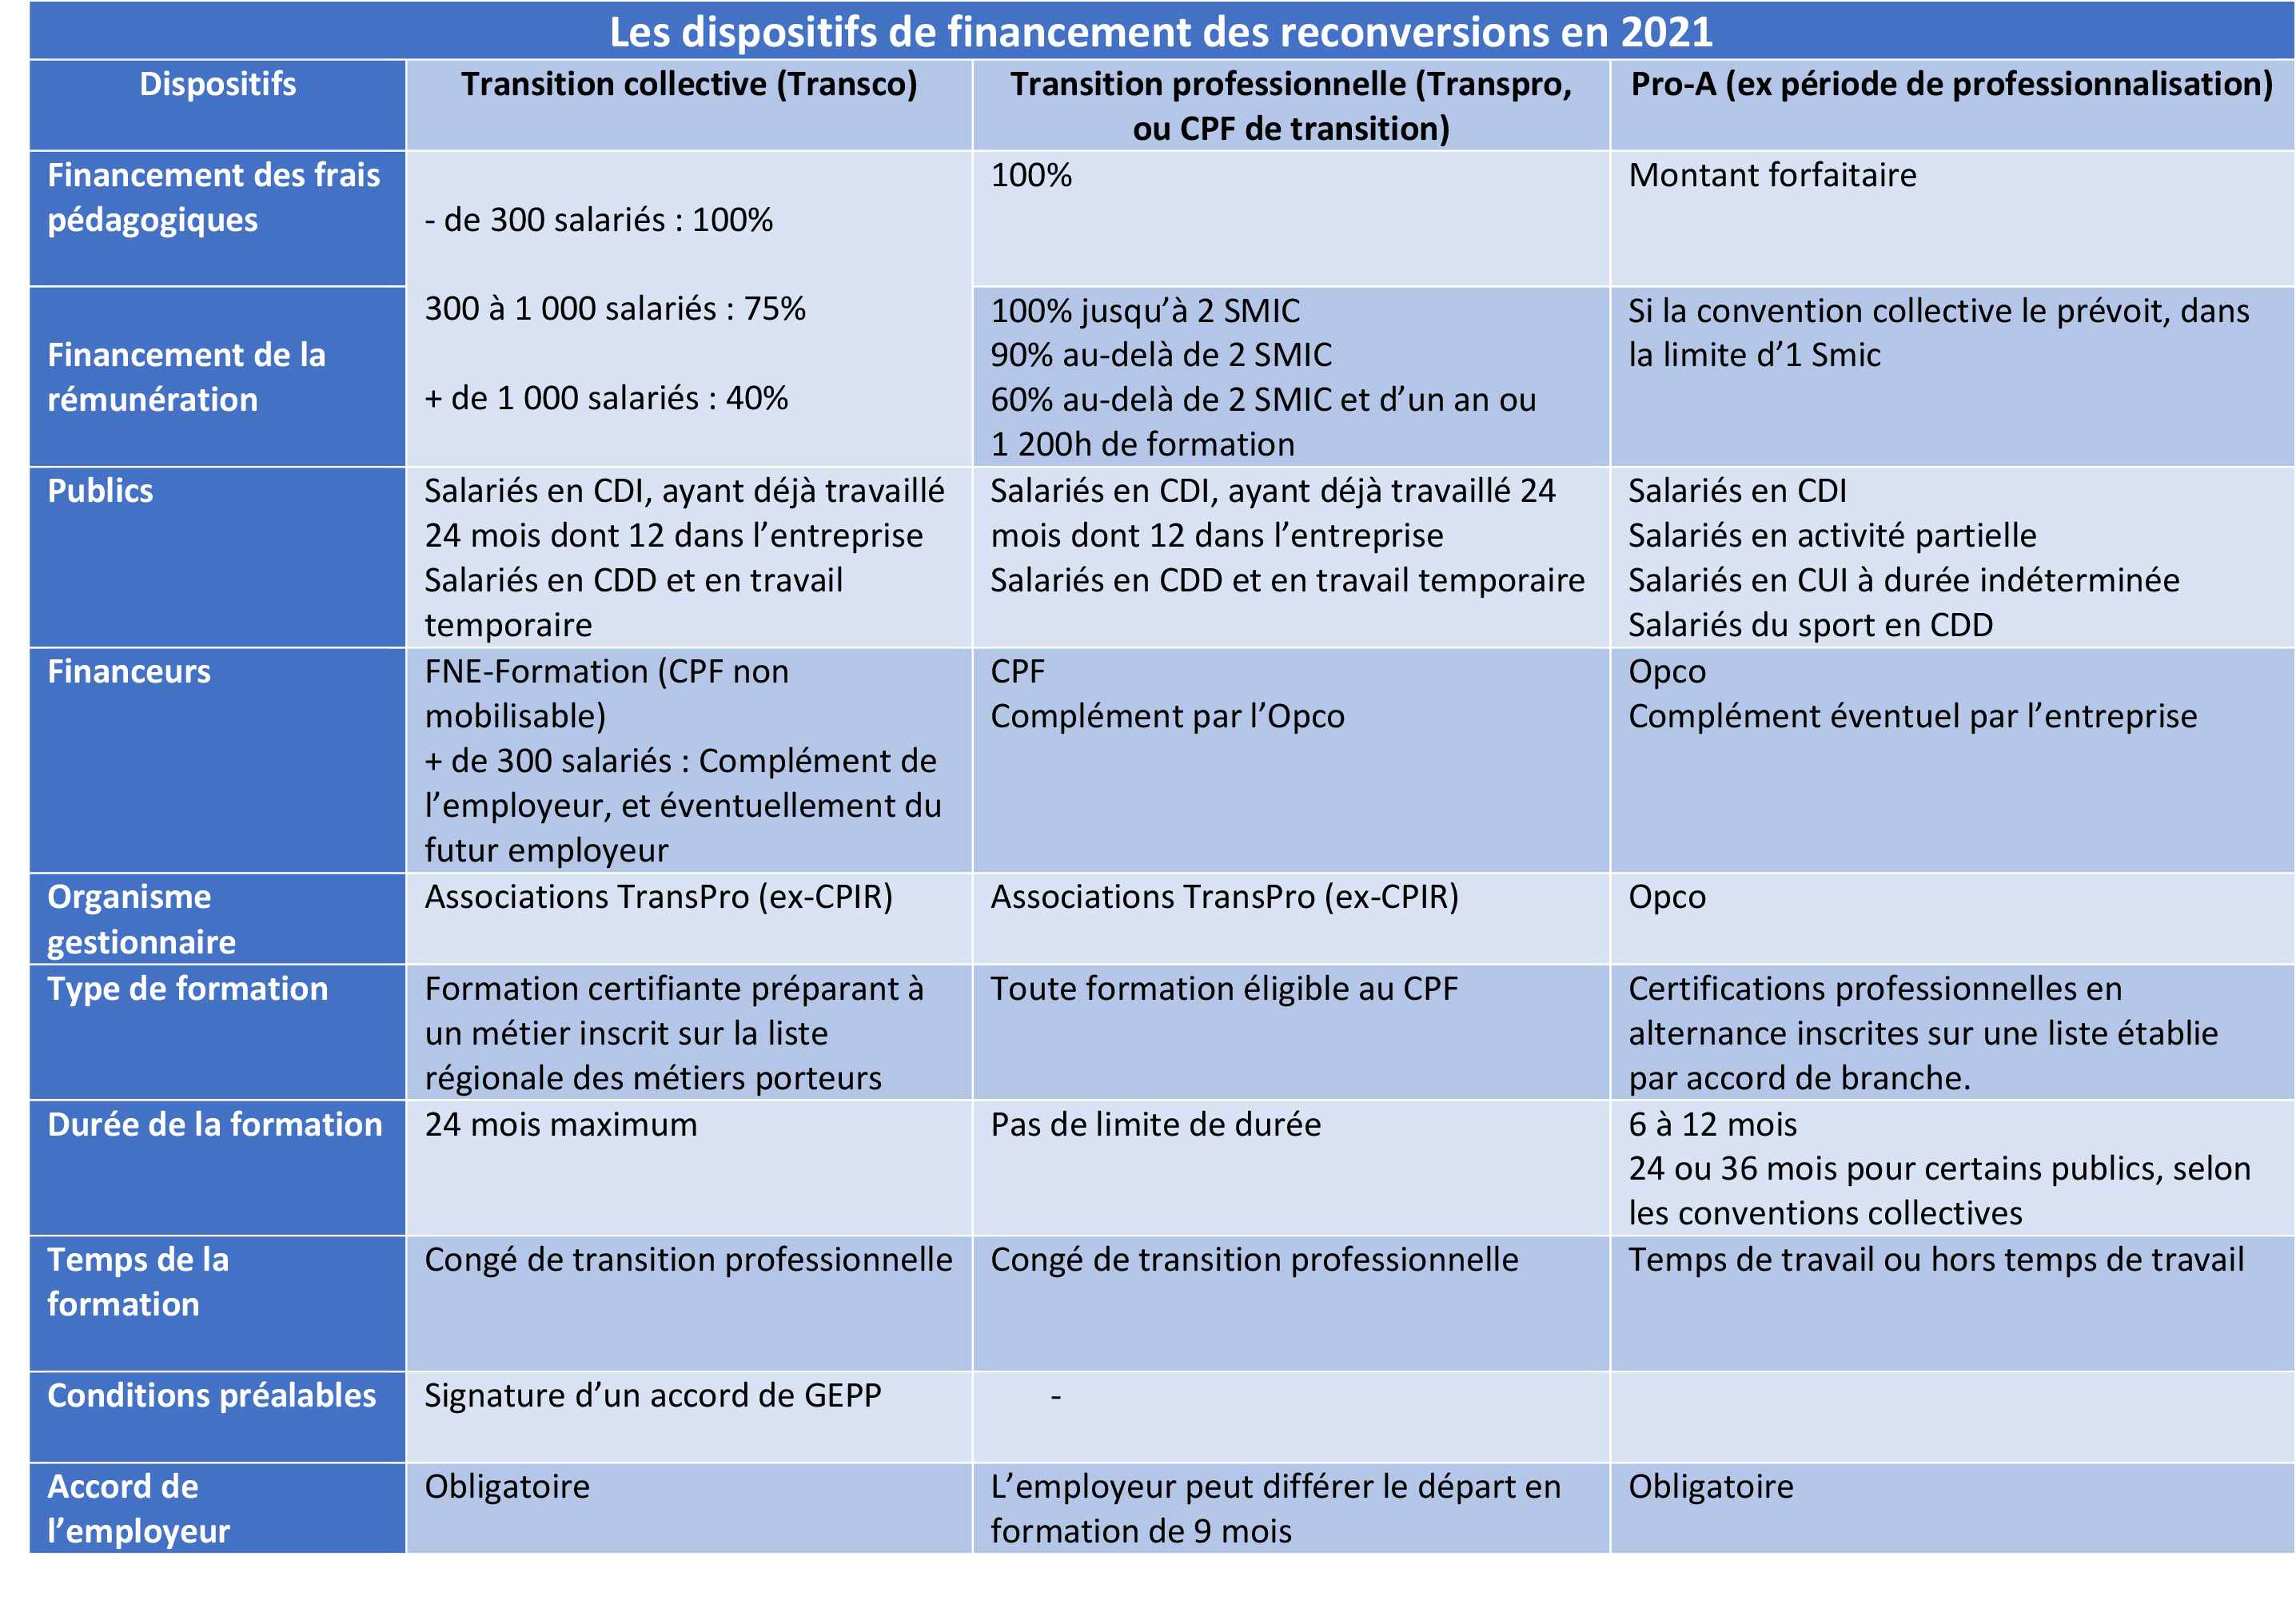 Les dispositifs de reconversion professionnelle : tableau comparatif